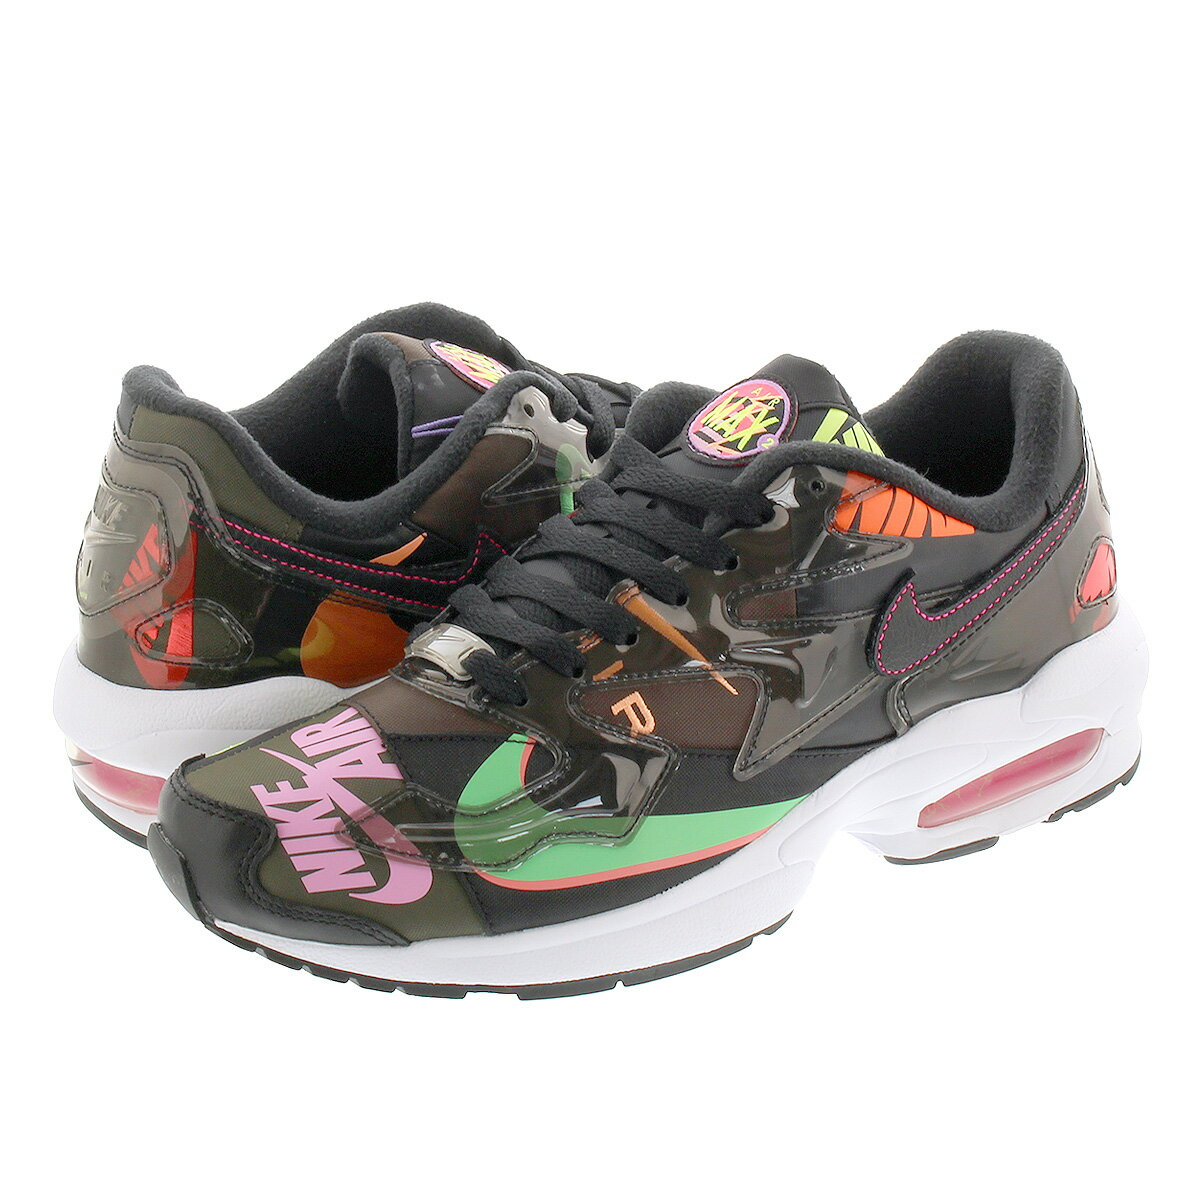 メンズ靴, スニーカー NIKE AIR MAX 2 LIGHT atmos BLACKBLACKRACER PINK ci5590-001